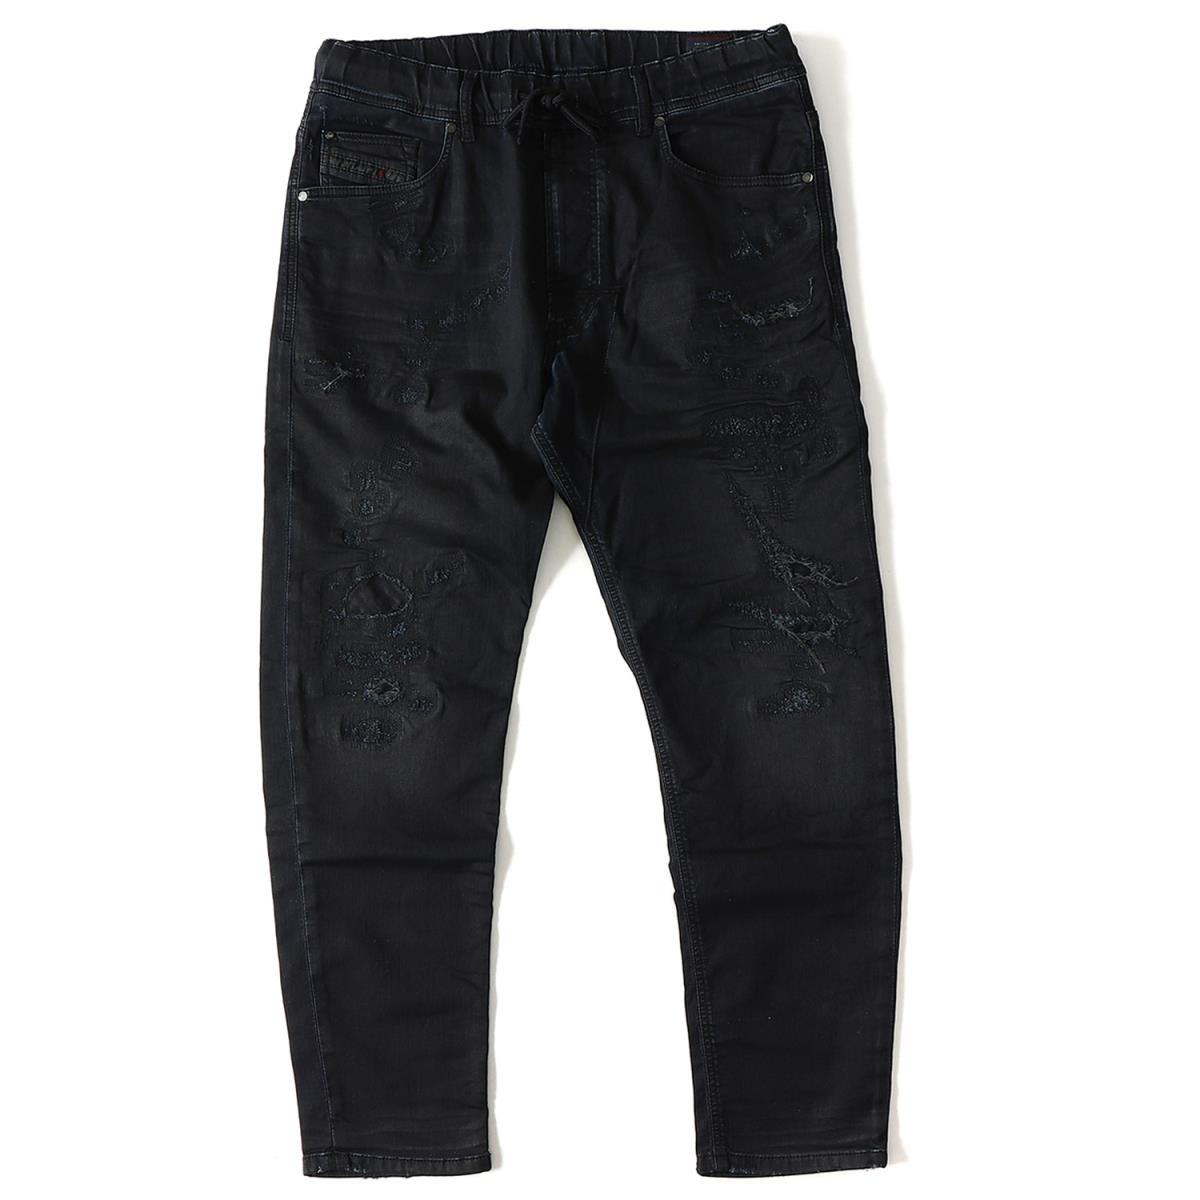 DIESEL (ディーゼル) コーティング加工ダメージリペアスウェットデニムパンツ(NARROT-NE Sweat jeans) インディゴ 30 【メンズ】【K2098】【あす楽☆対応可】